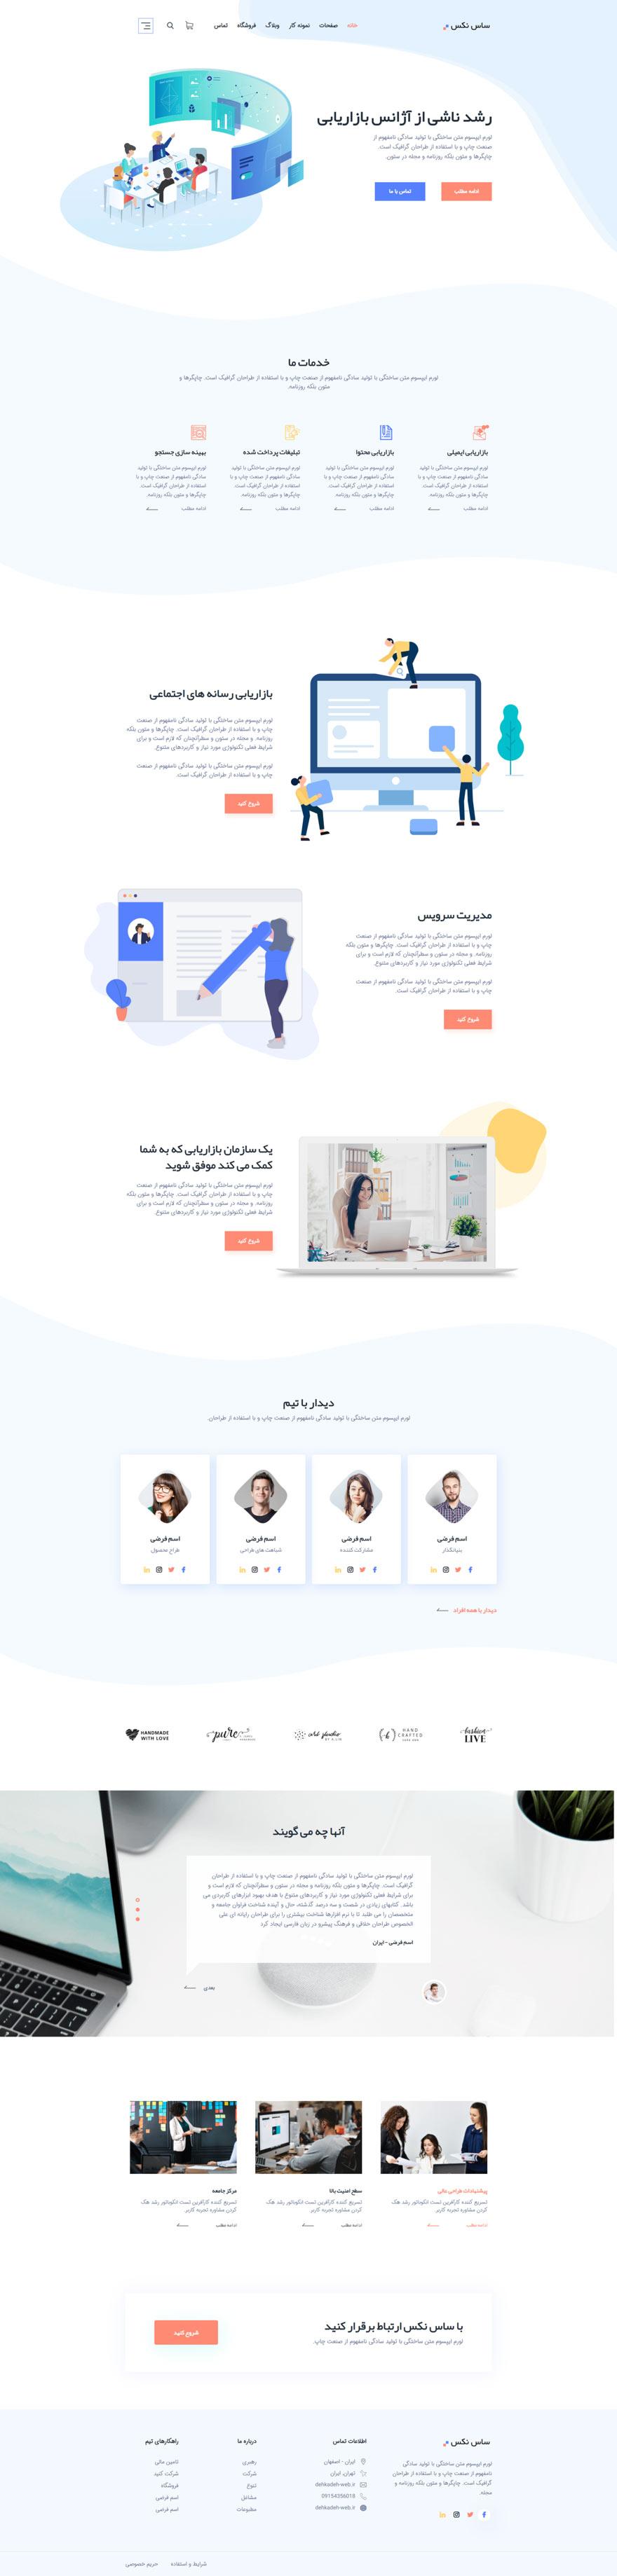 طراحی سایت تجارت الکترونیک بخش2